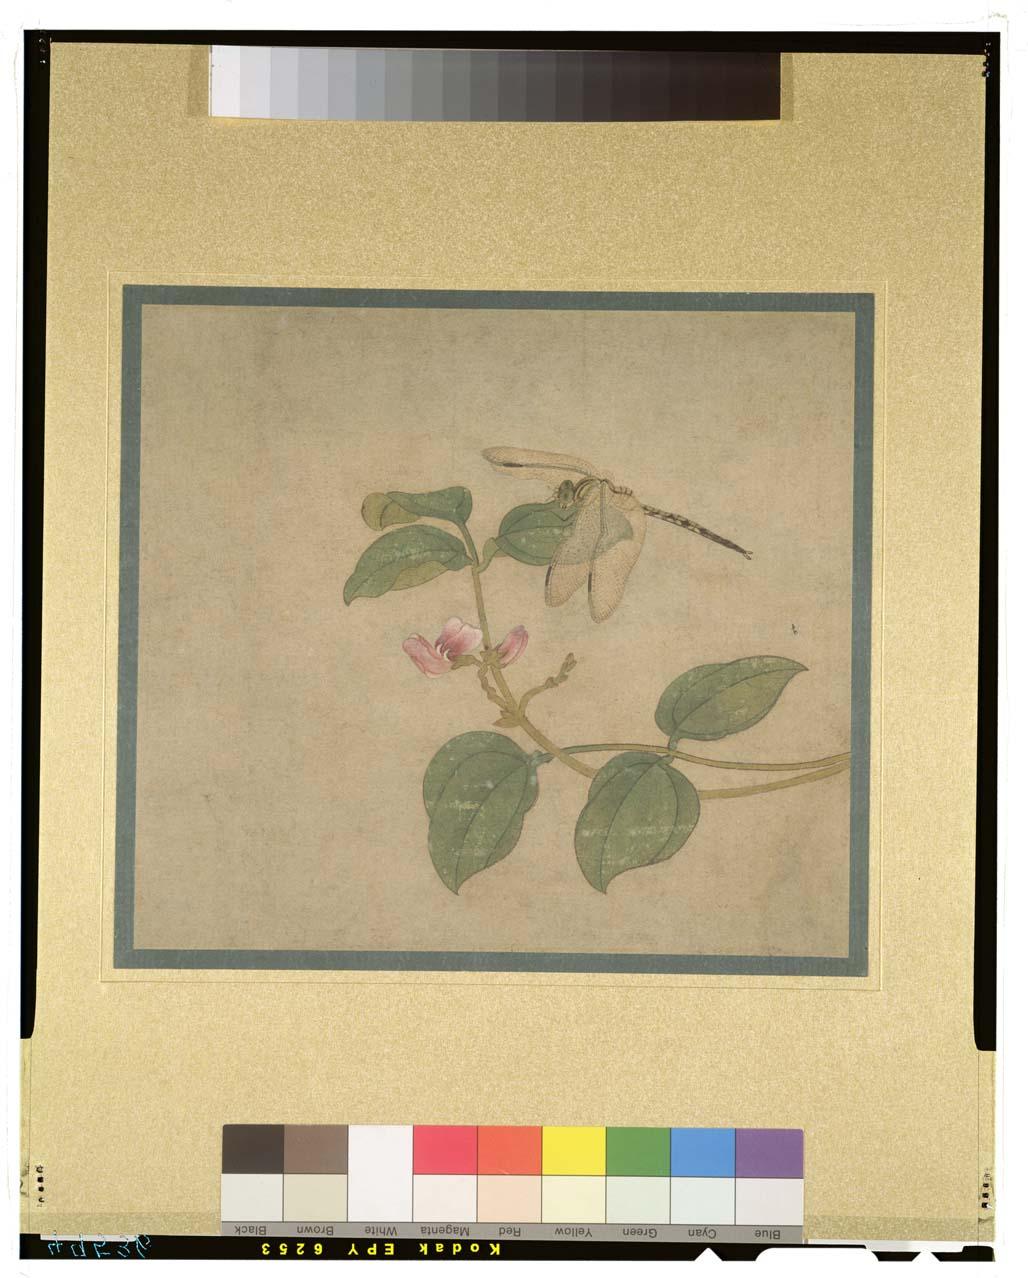 C0049536 唐絵手鑑筆耕園_蜻蜒図 - 東京国立博物館 画像検索